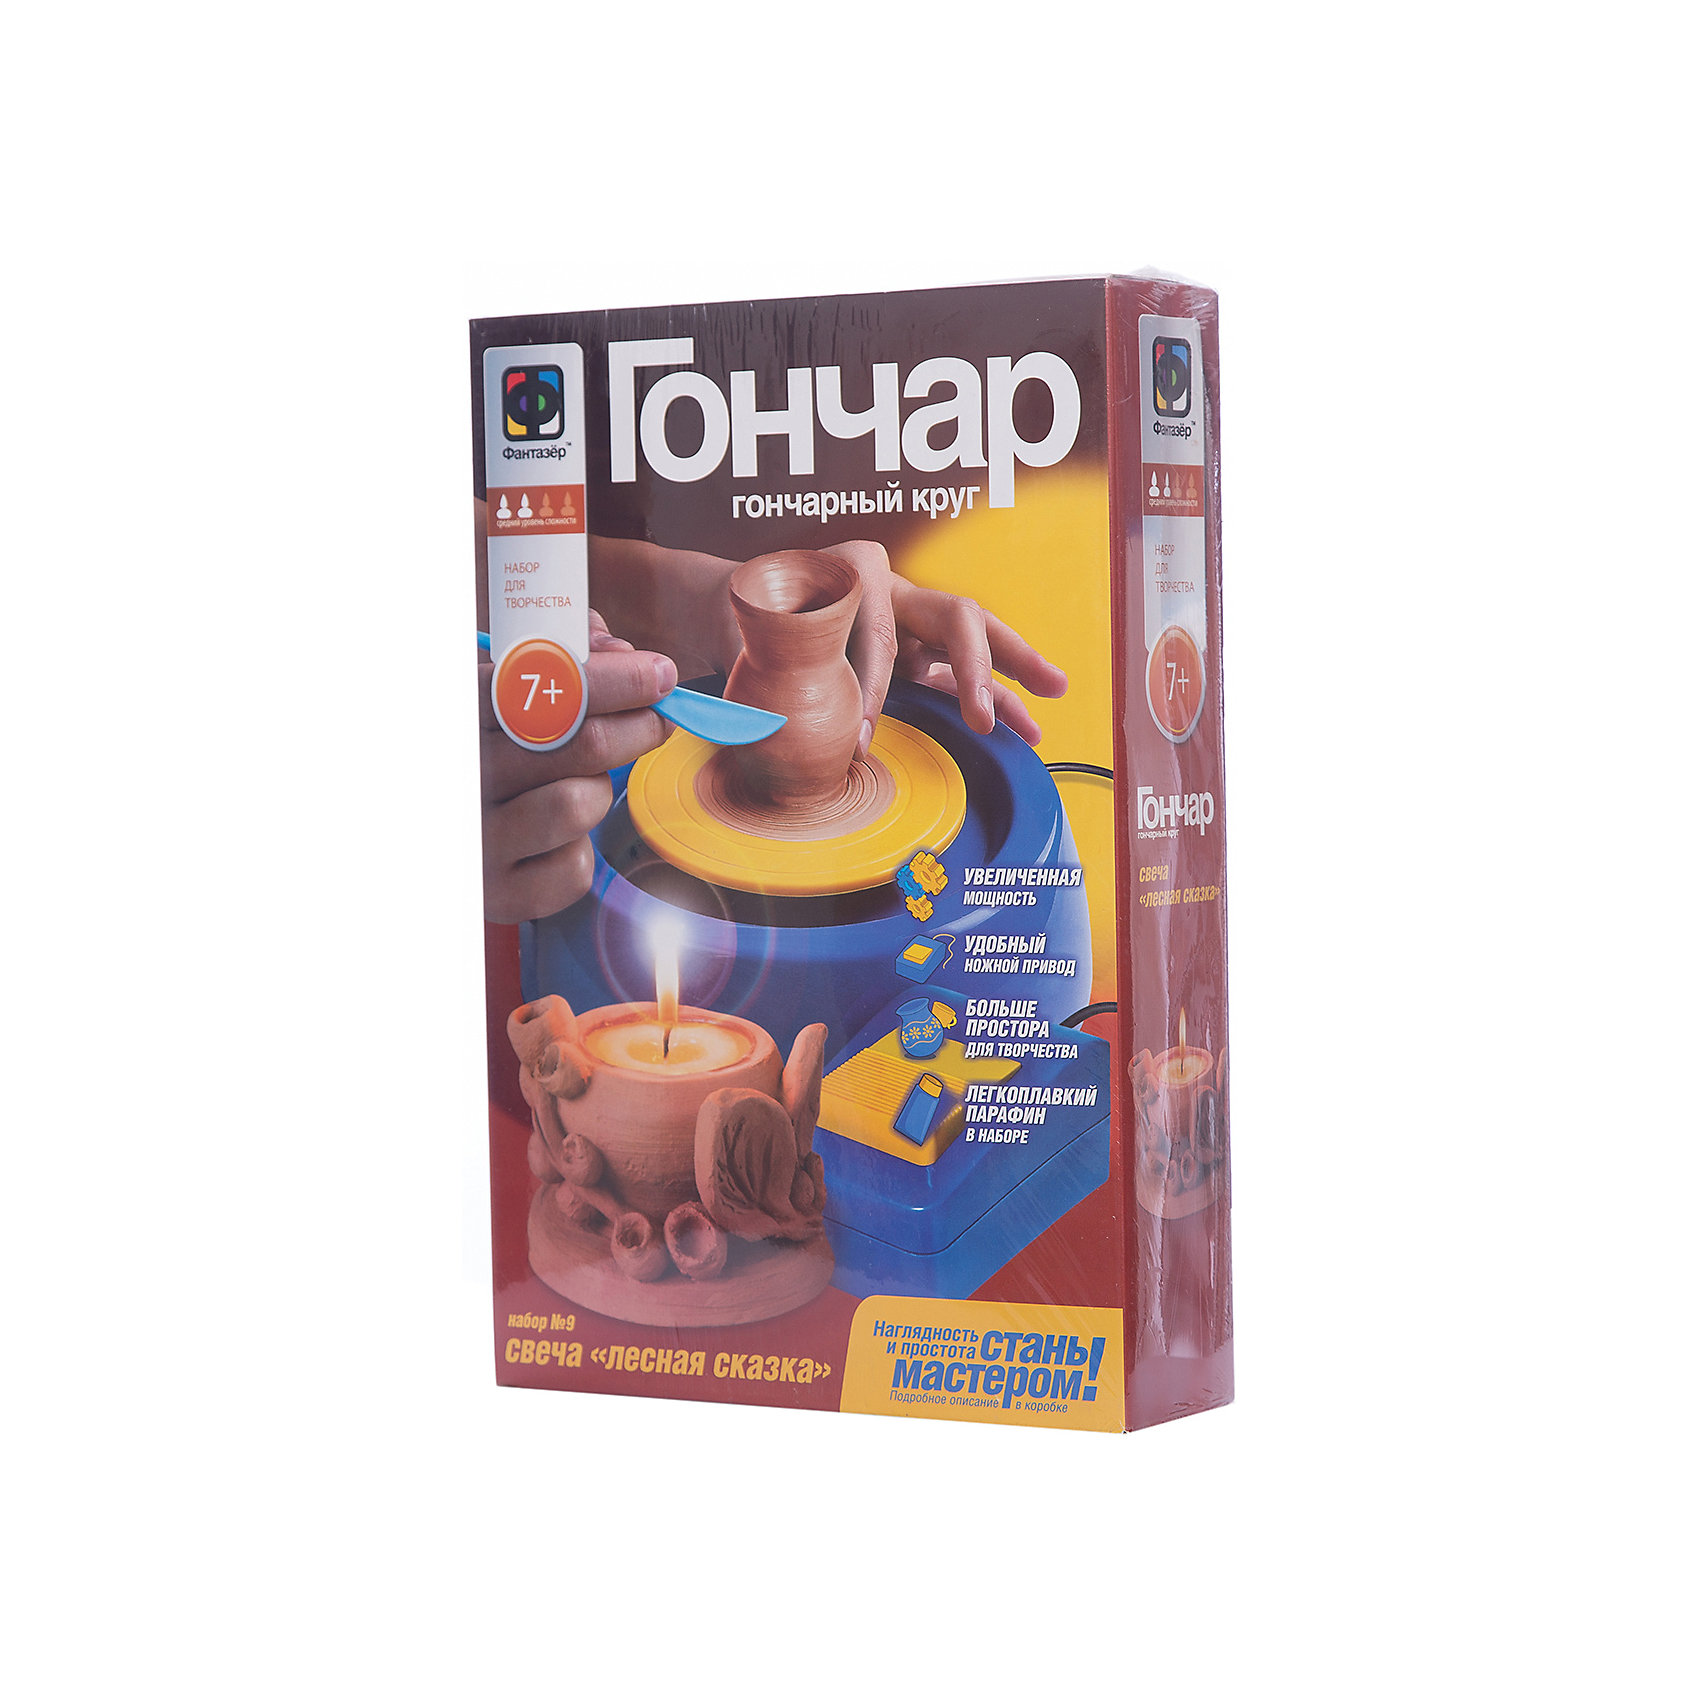 Фантазер Гончар со свечами СВЕЧА ЛЕСНАЯ СКАЗКА фантазер мастерская лепки глиняная свеча сказочный пенек